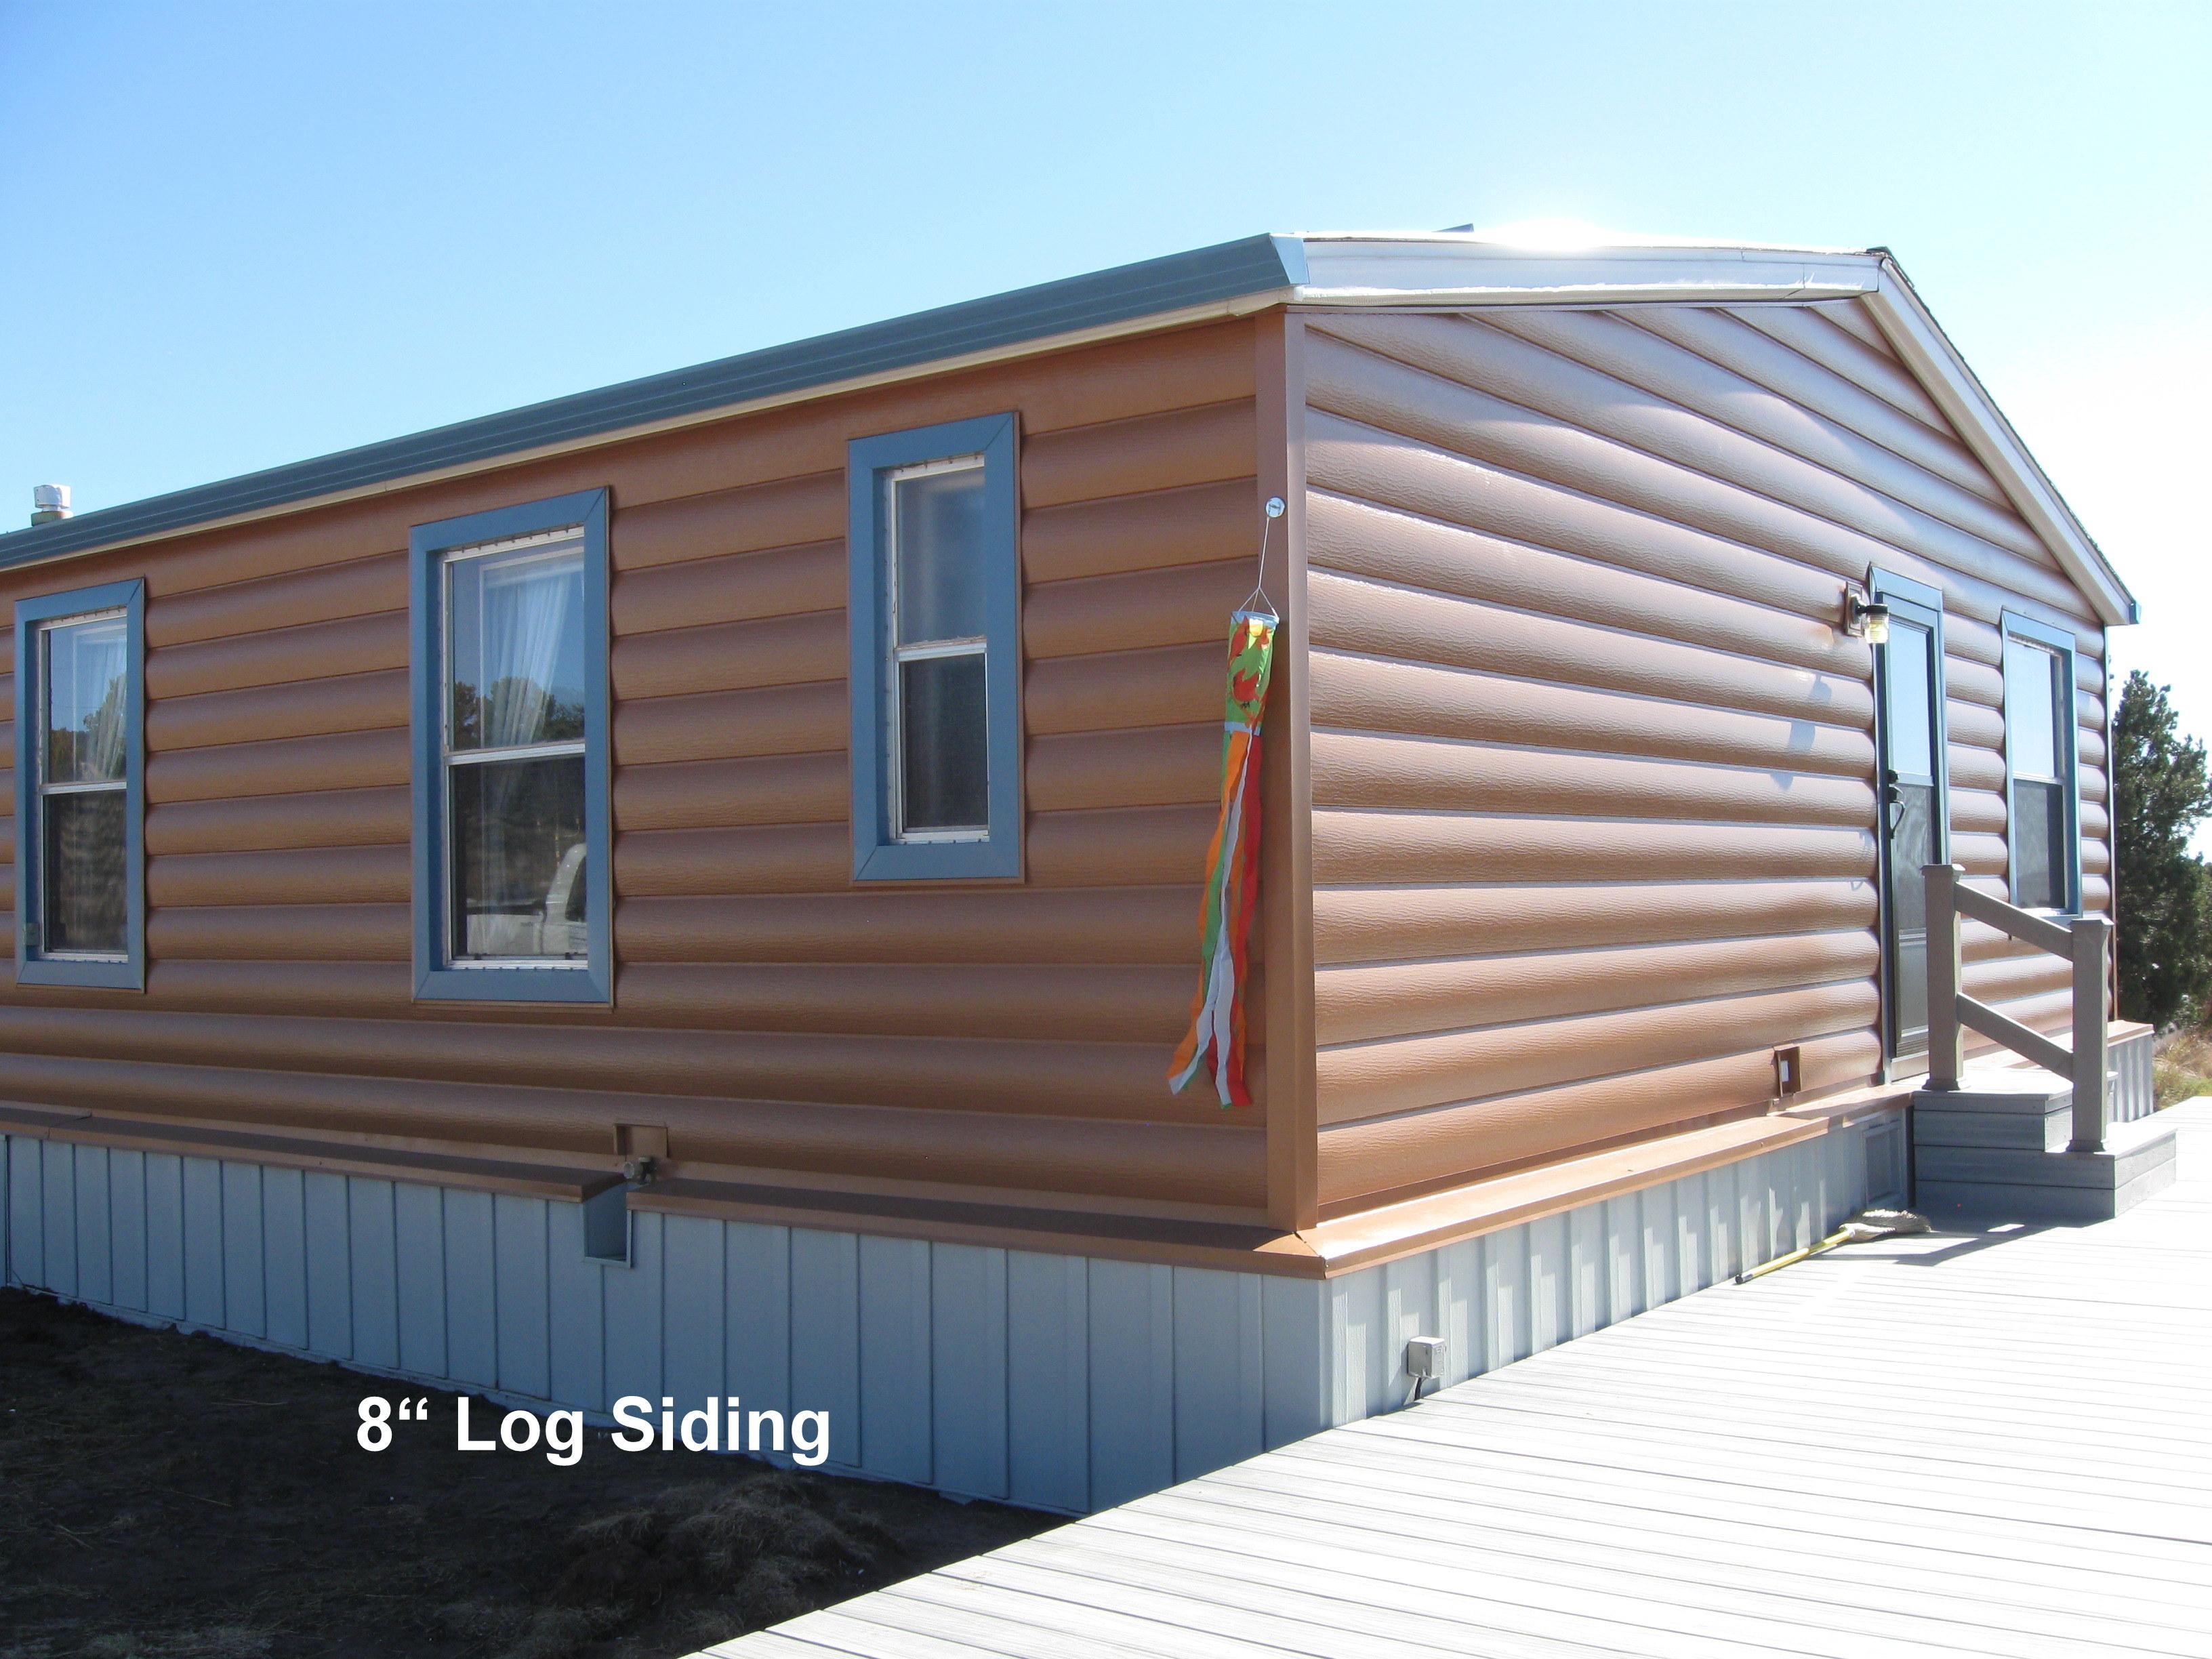 Mobile Homes With Log Siding